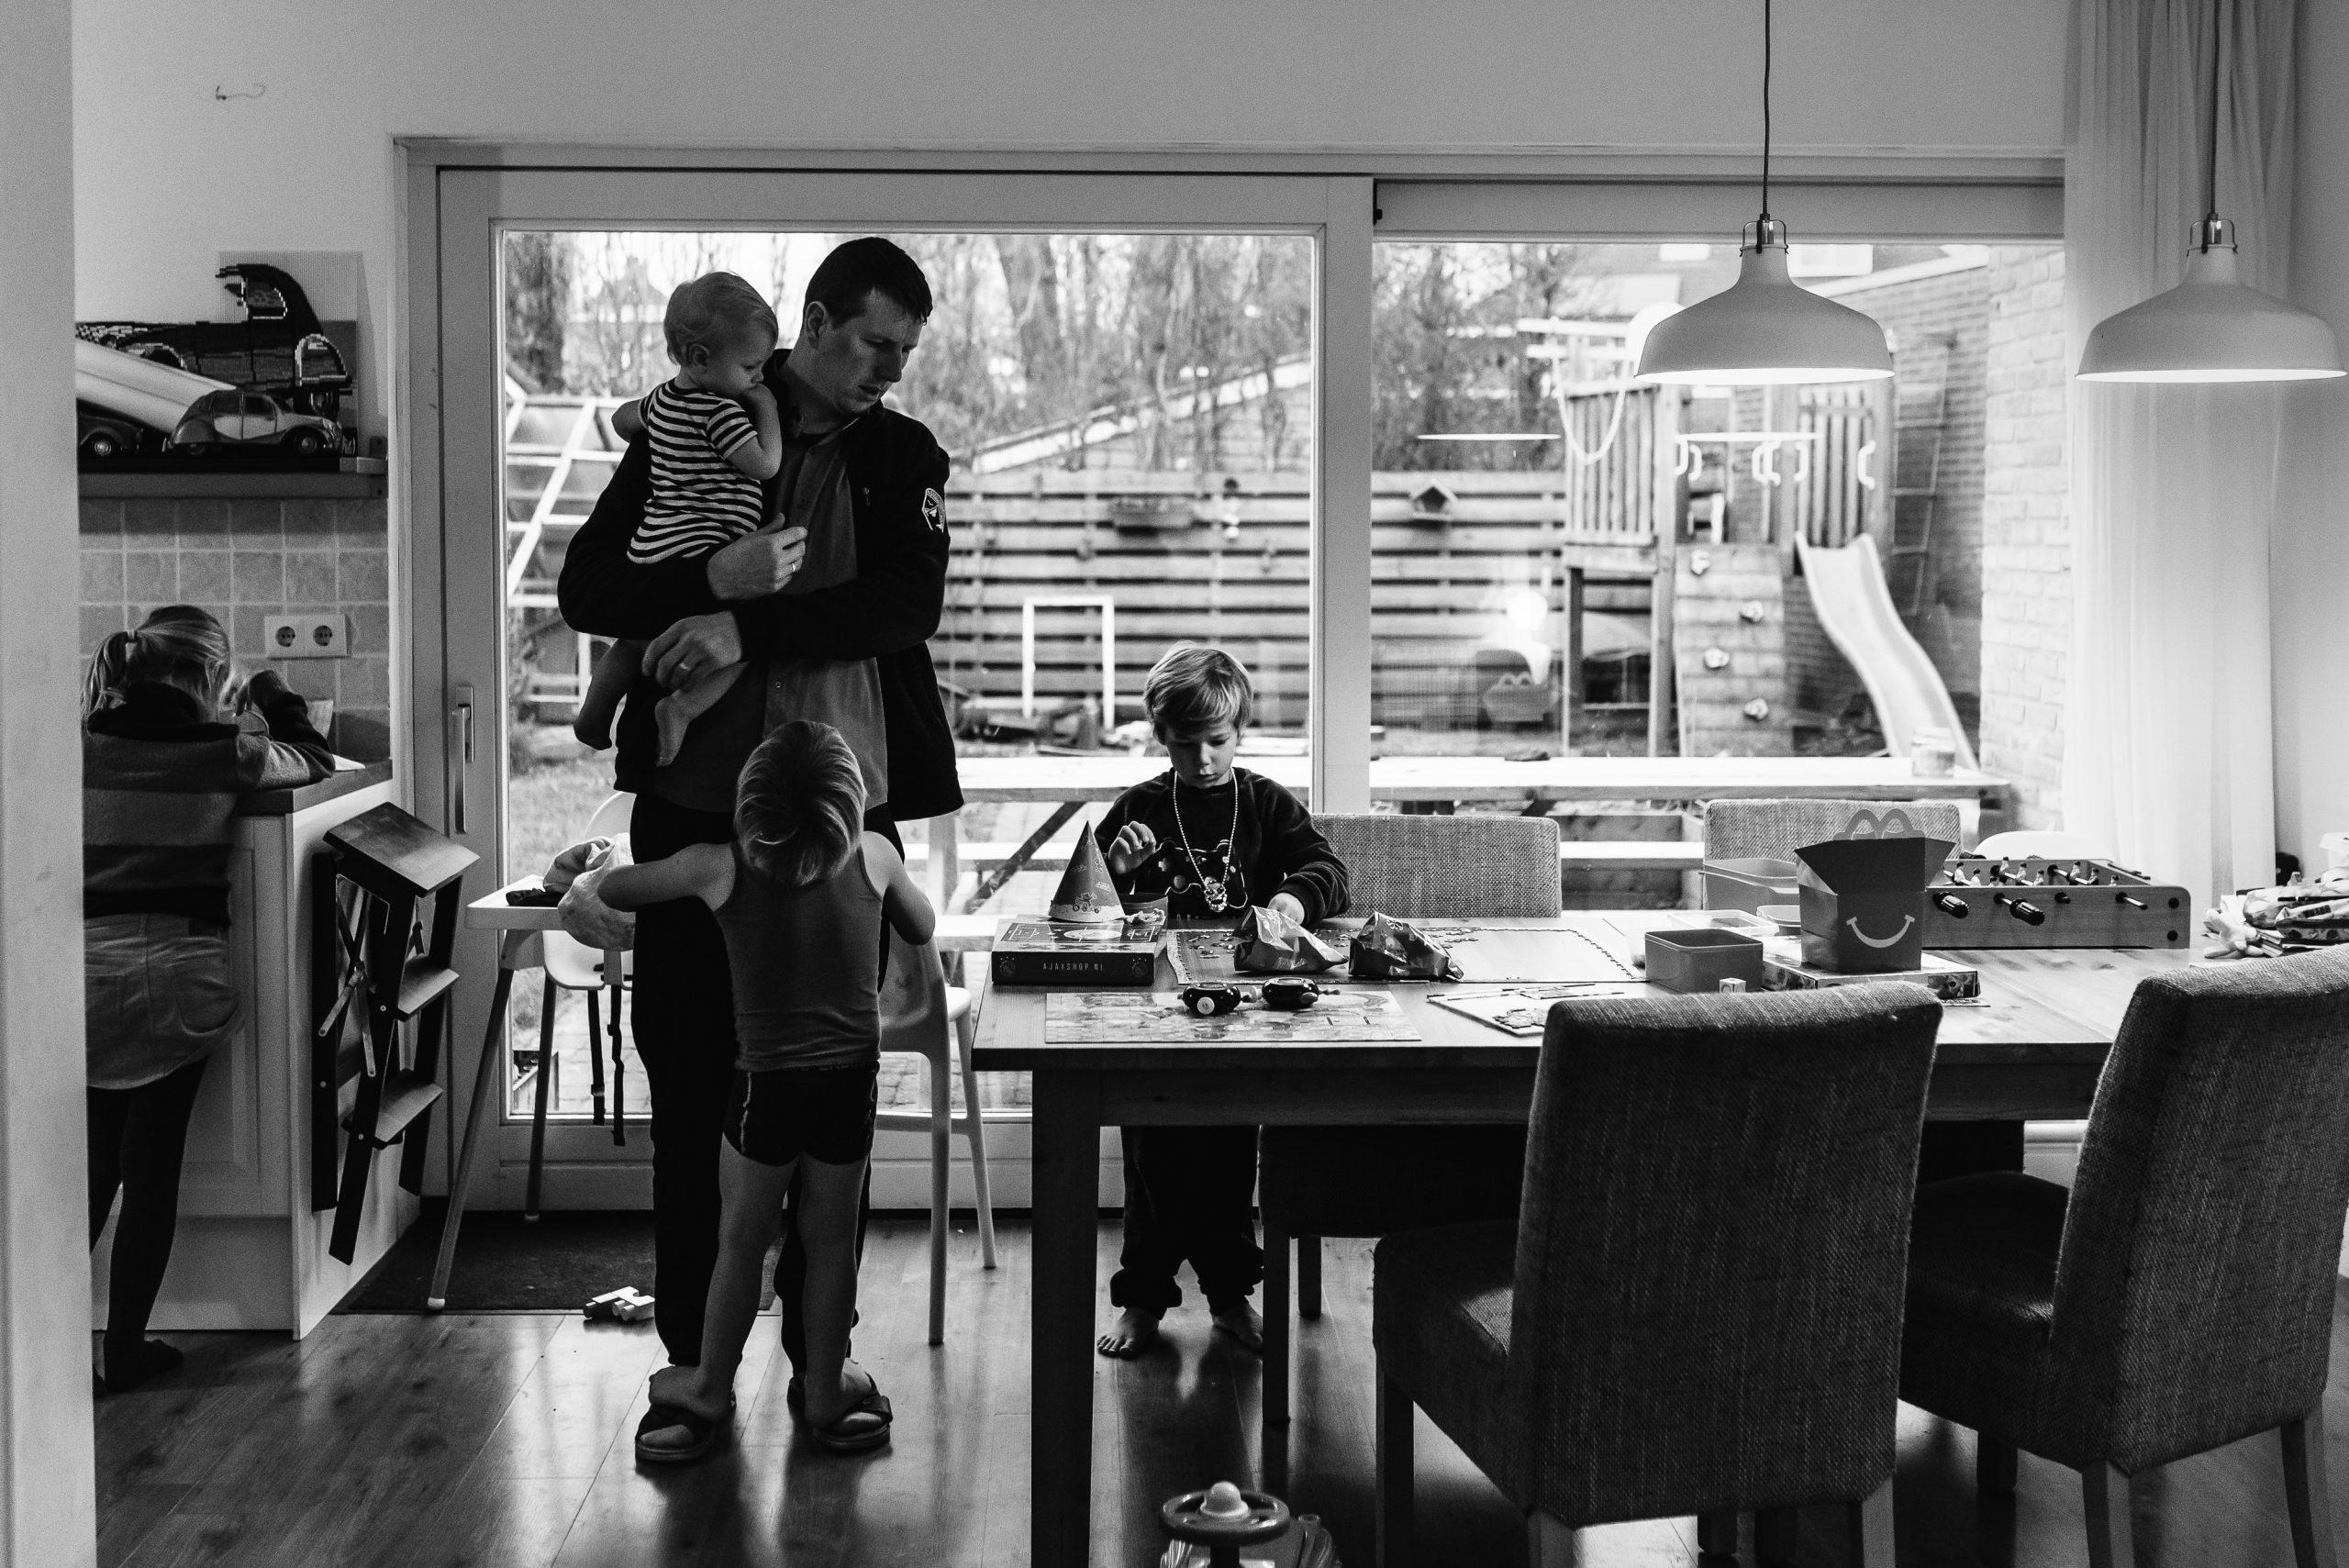 groot gezin, het gezinsleven, gezinsfotograaf, Assen, Drenthe, familiefotograaf Assen, Familiefotograaf Drenthe, familiefotograaf, gezinsfotograaf assen, zwart/wit fotografie